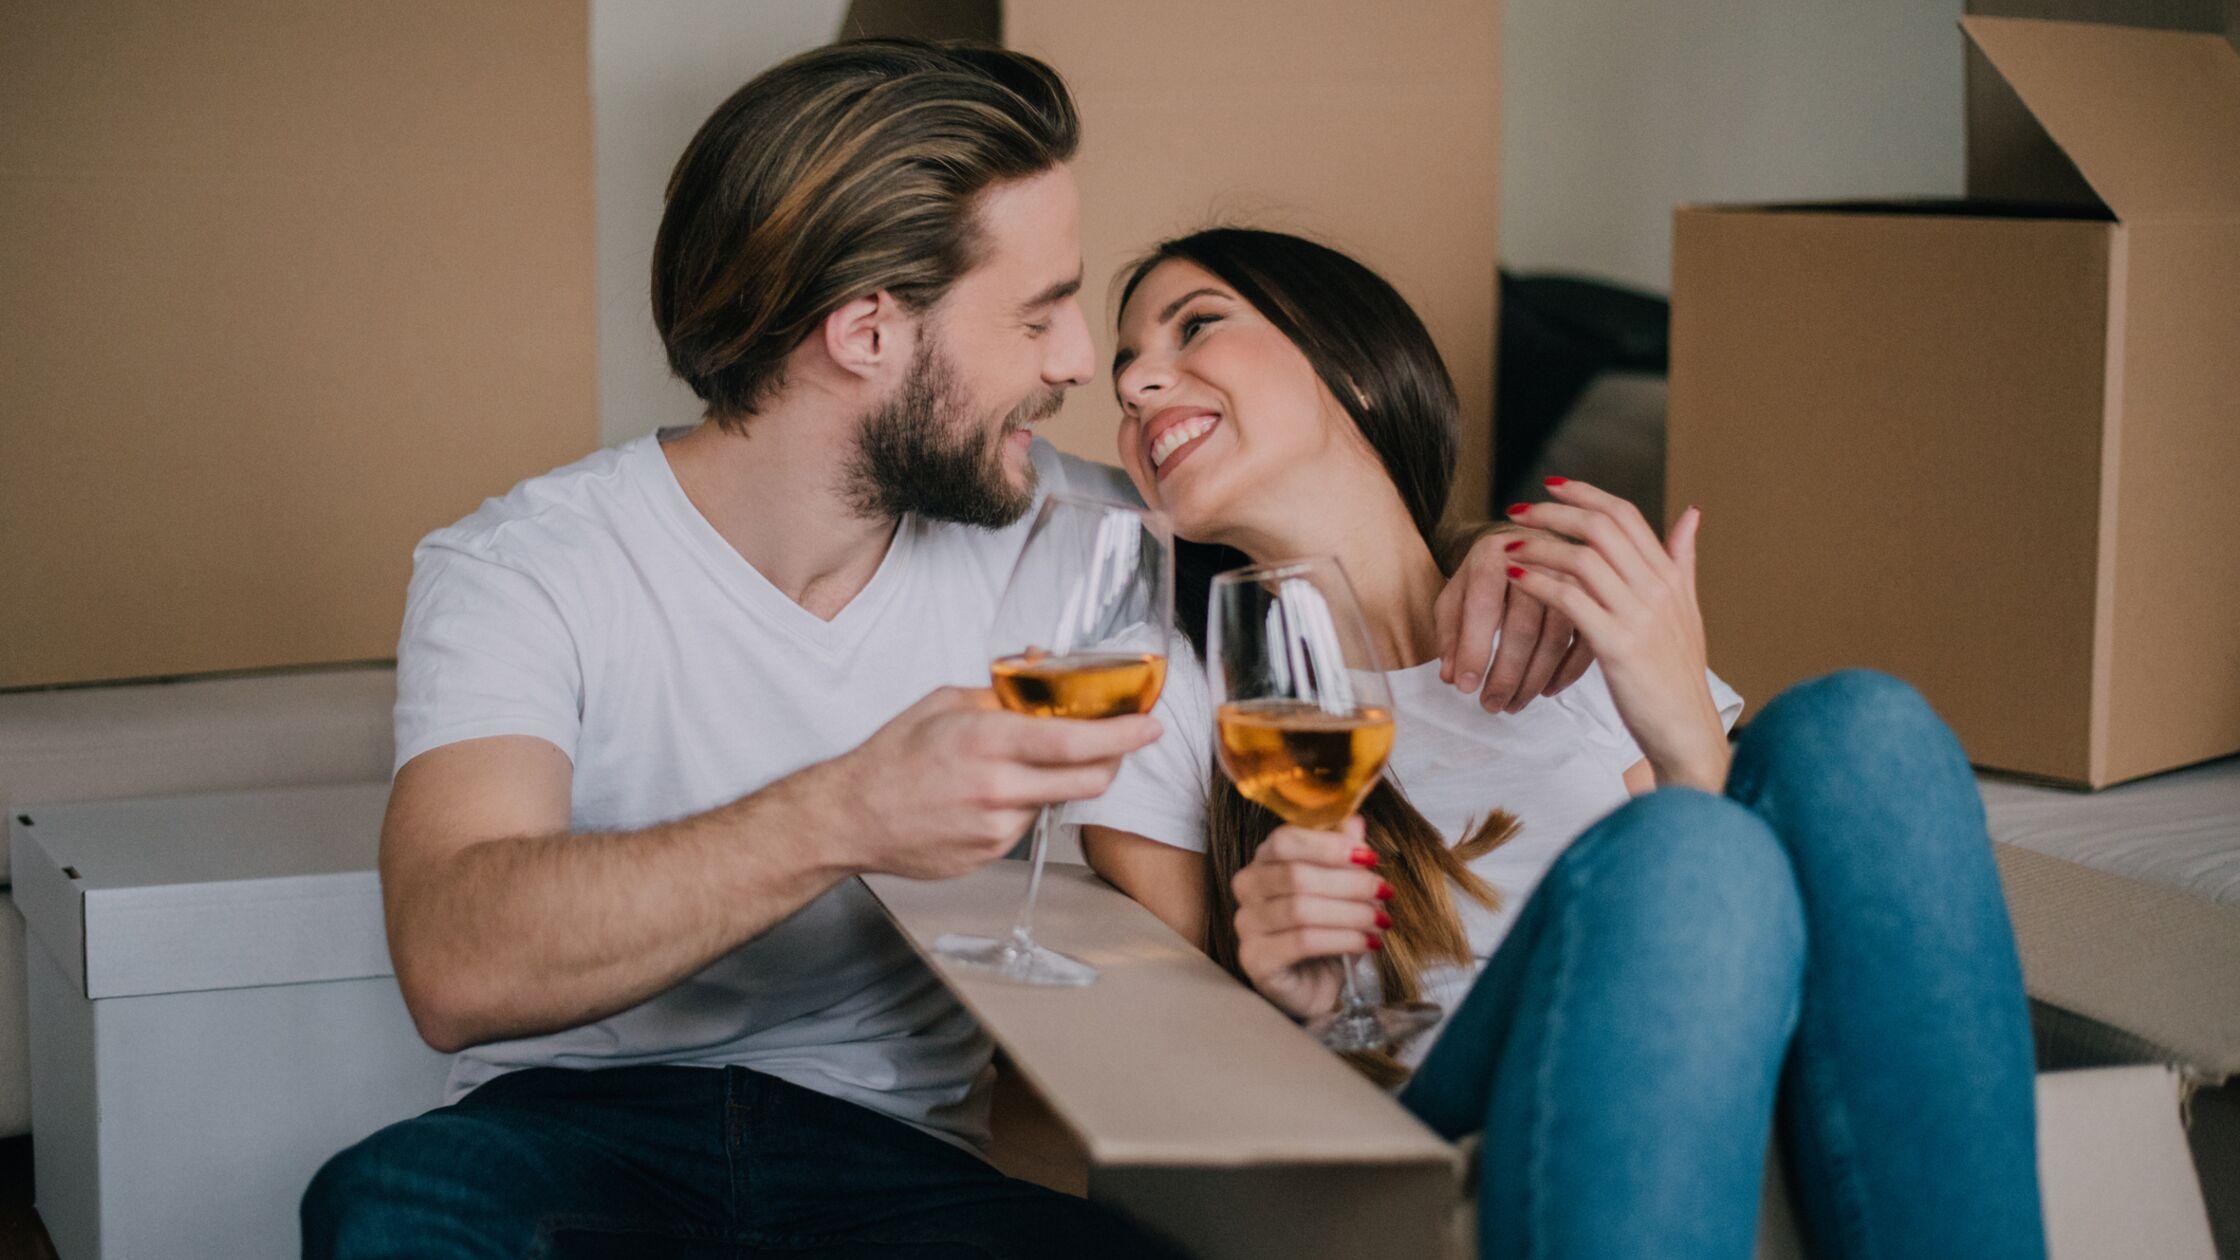 Im Hintergrund Umzugskisten, ein Paar stößt lächelnd mit Wein an.